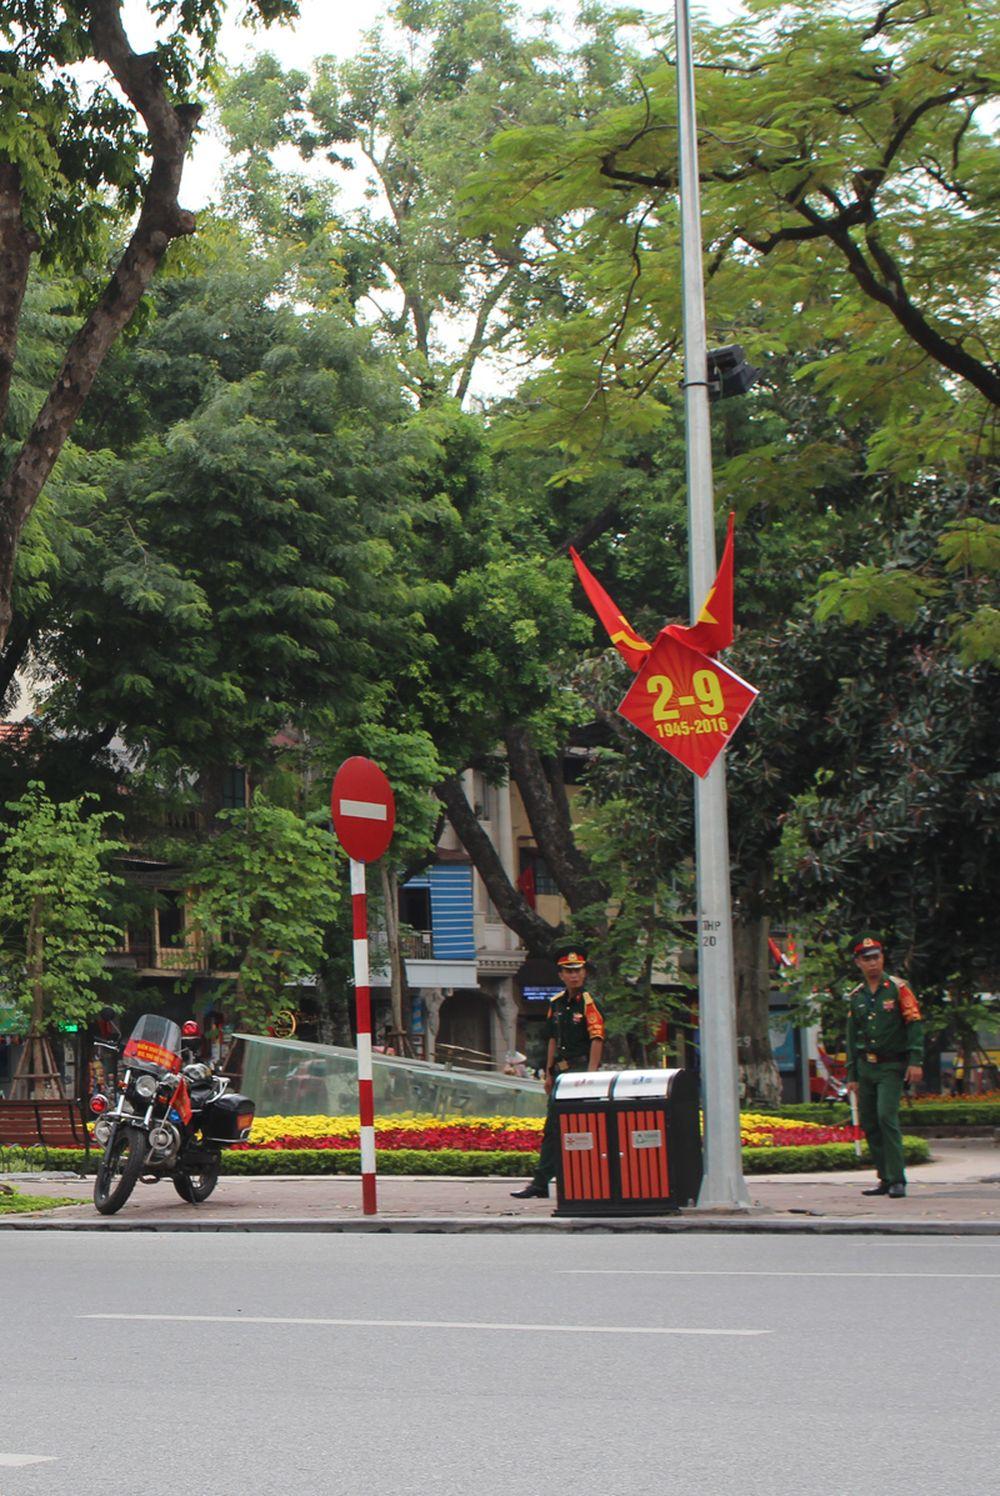 Để phục vụ cho tuyến phố đi bộ khu vực Hồ Hoàn Kiếm từ 19h tối thứ Sáu đến 24h Chủ Nhật hàng tuần, Hà Nội sẽ điều chỉnh lộ trình xe buýt ở 16 tuyến phố.